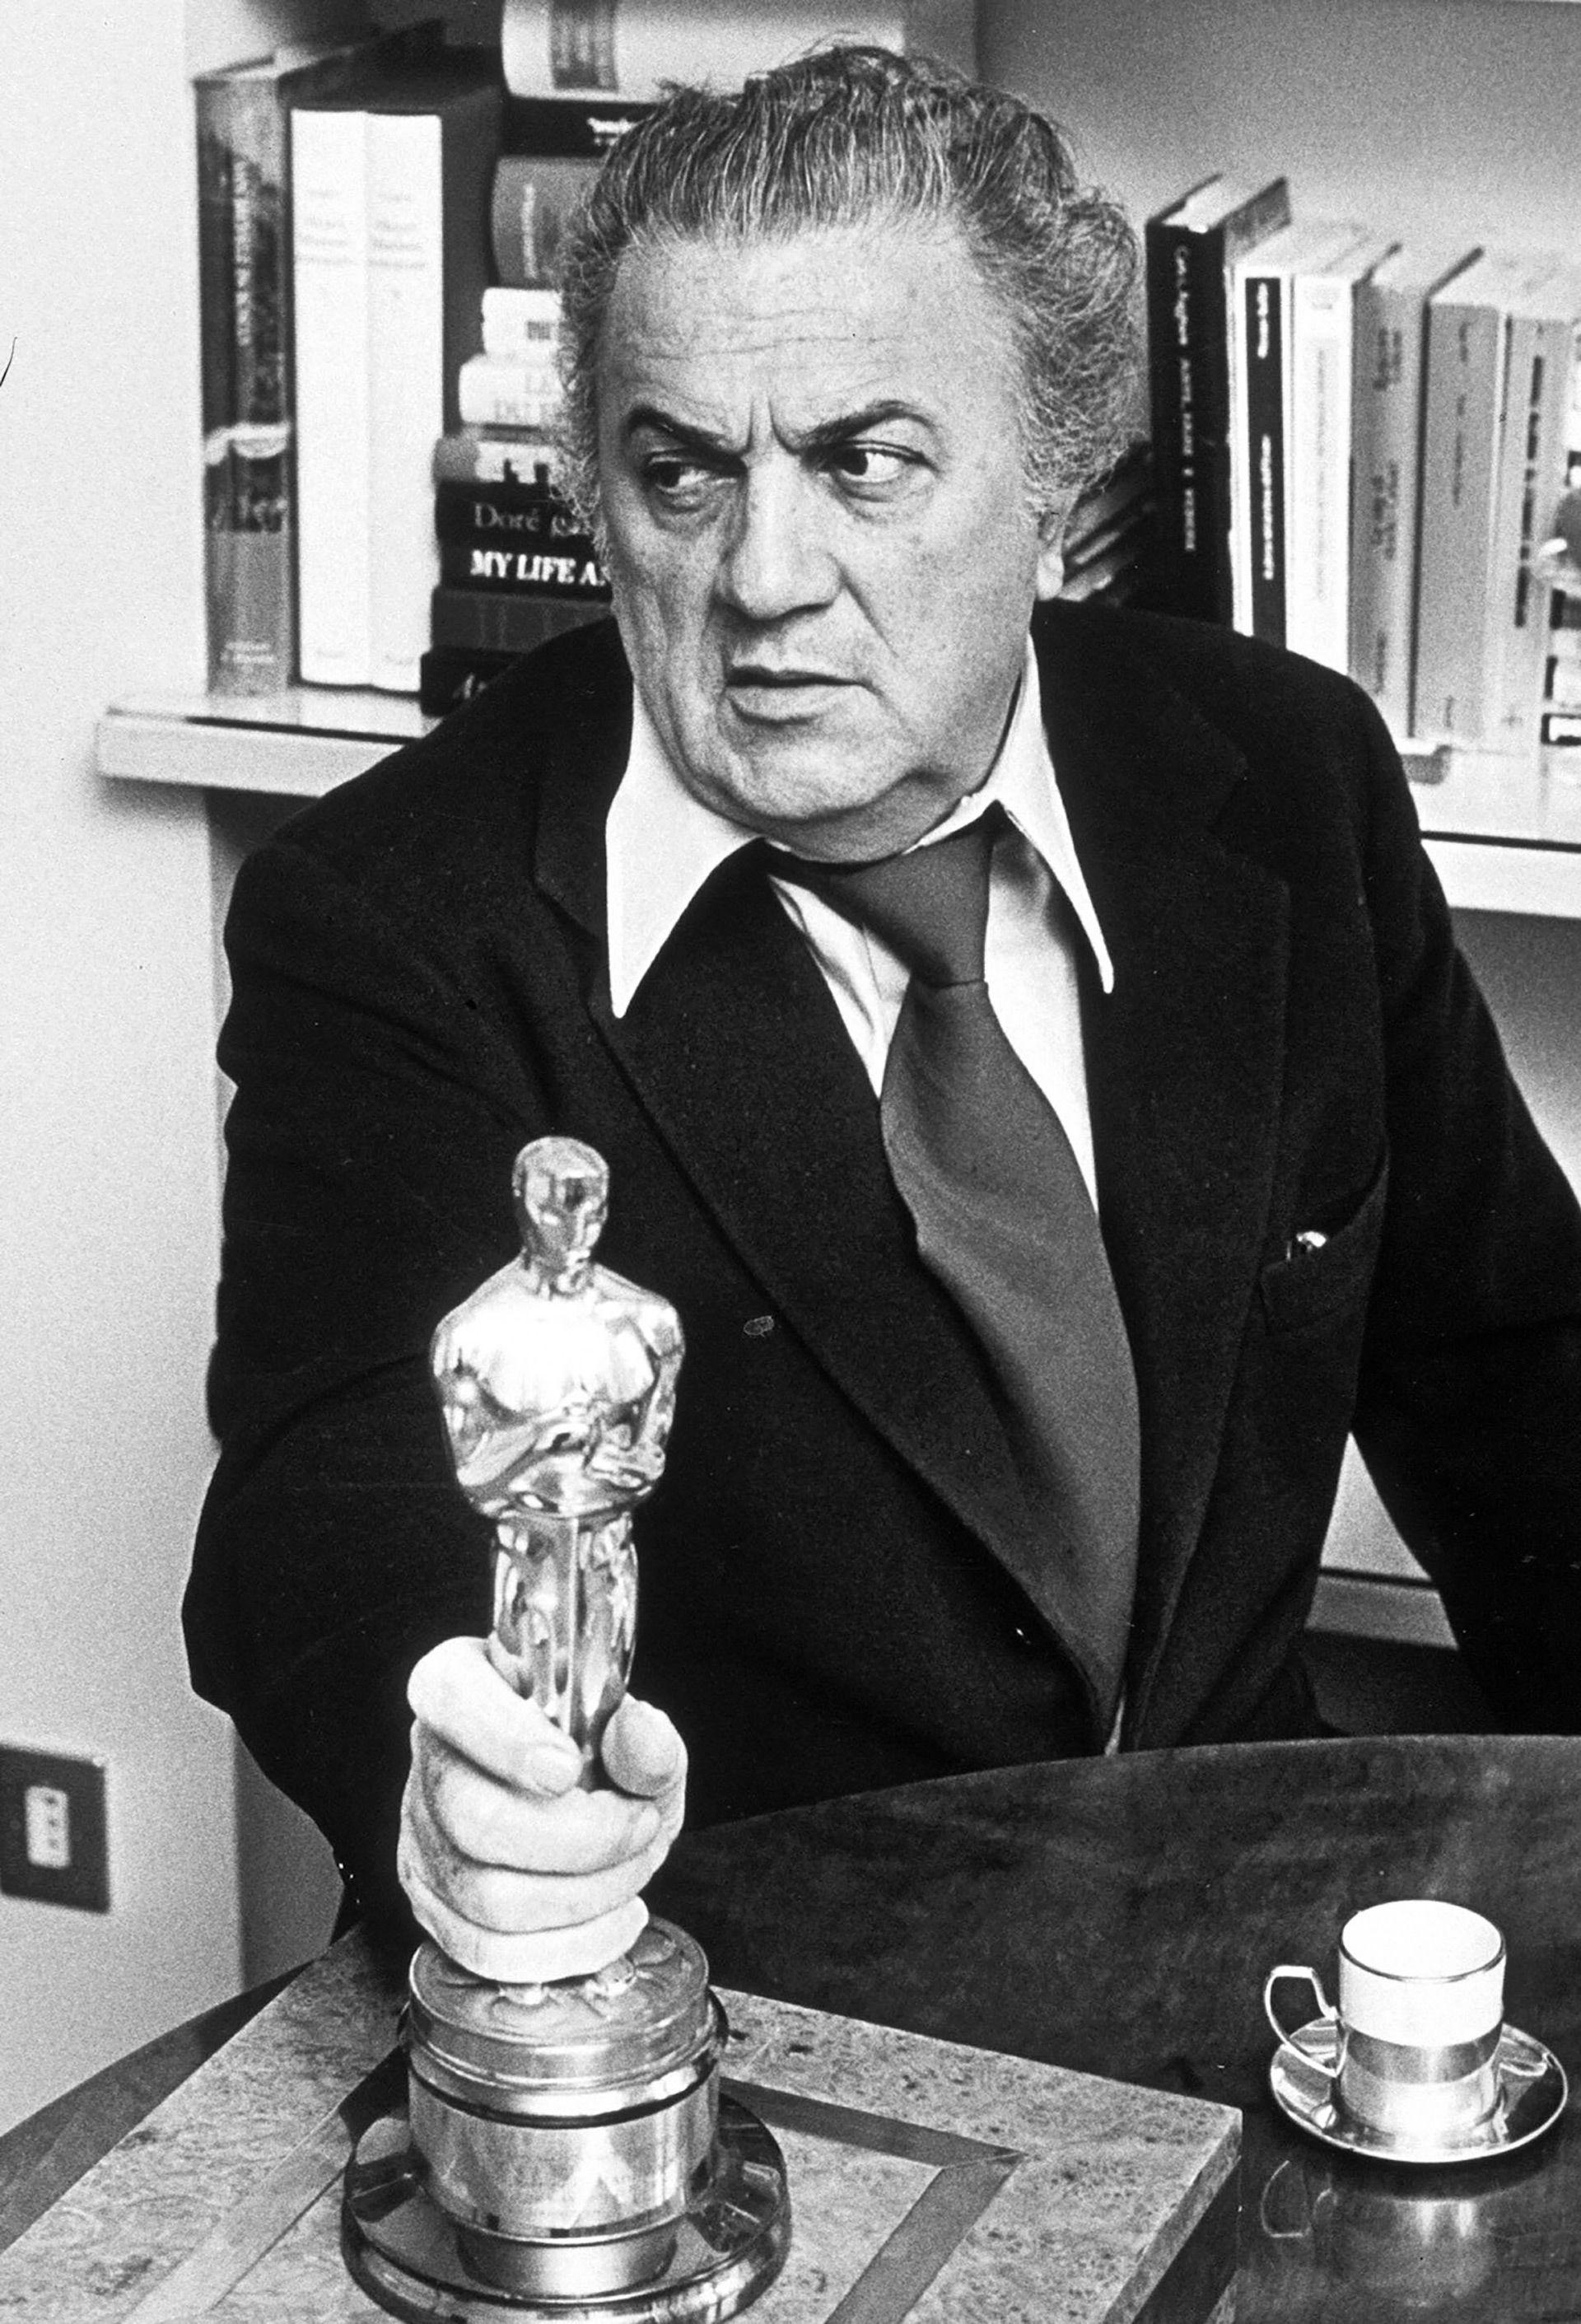 Foto de 1977. Fellini ganó cuatro premios Óscar por mejor película extranjera,y además en 1993 fue galardonado con un Óscar honorífico por su carrera (Pierluigi/Shutterstock)